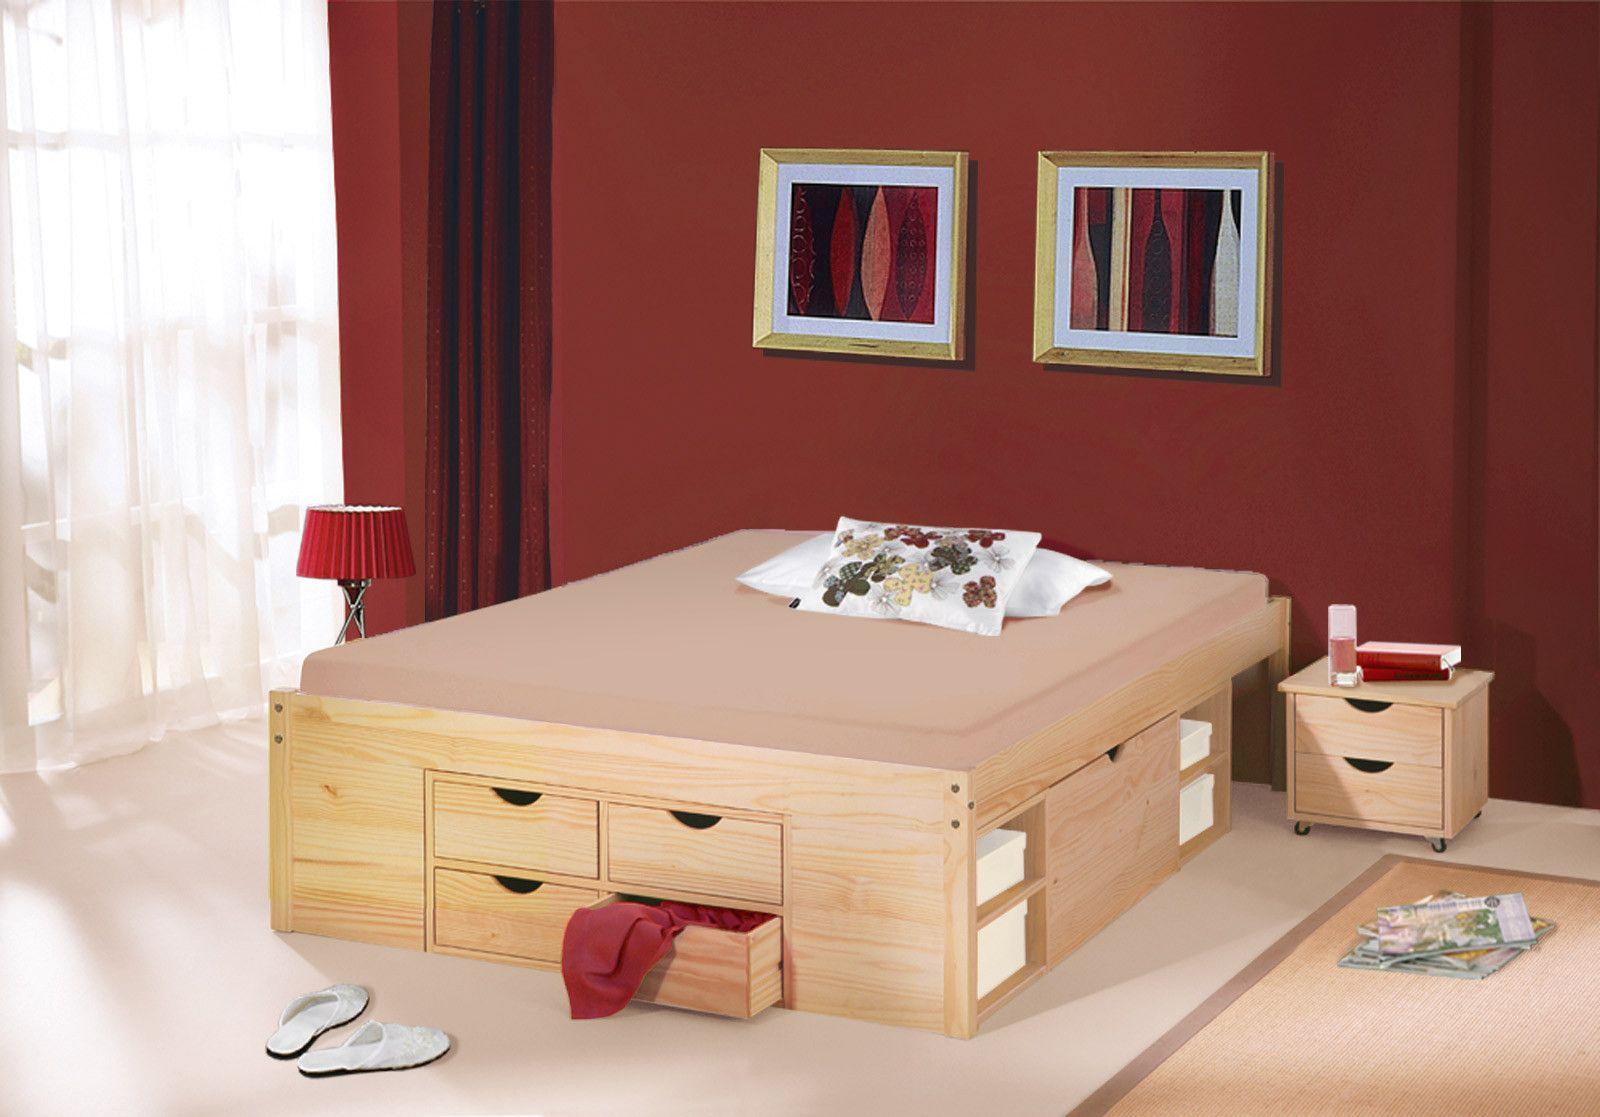 Bett Stauraum Inspirational Schubkasten Doppelbett Mit Viel